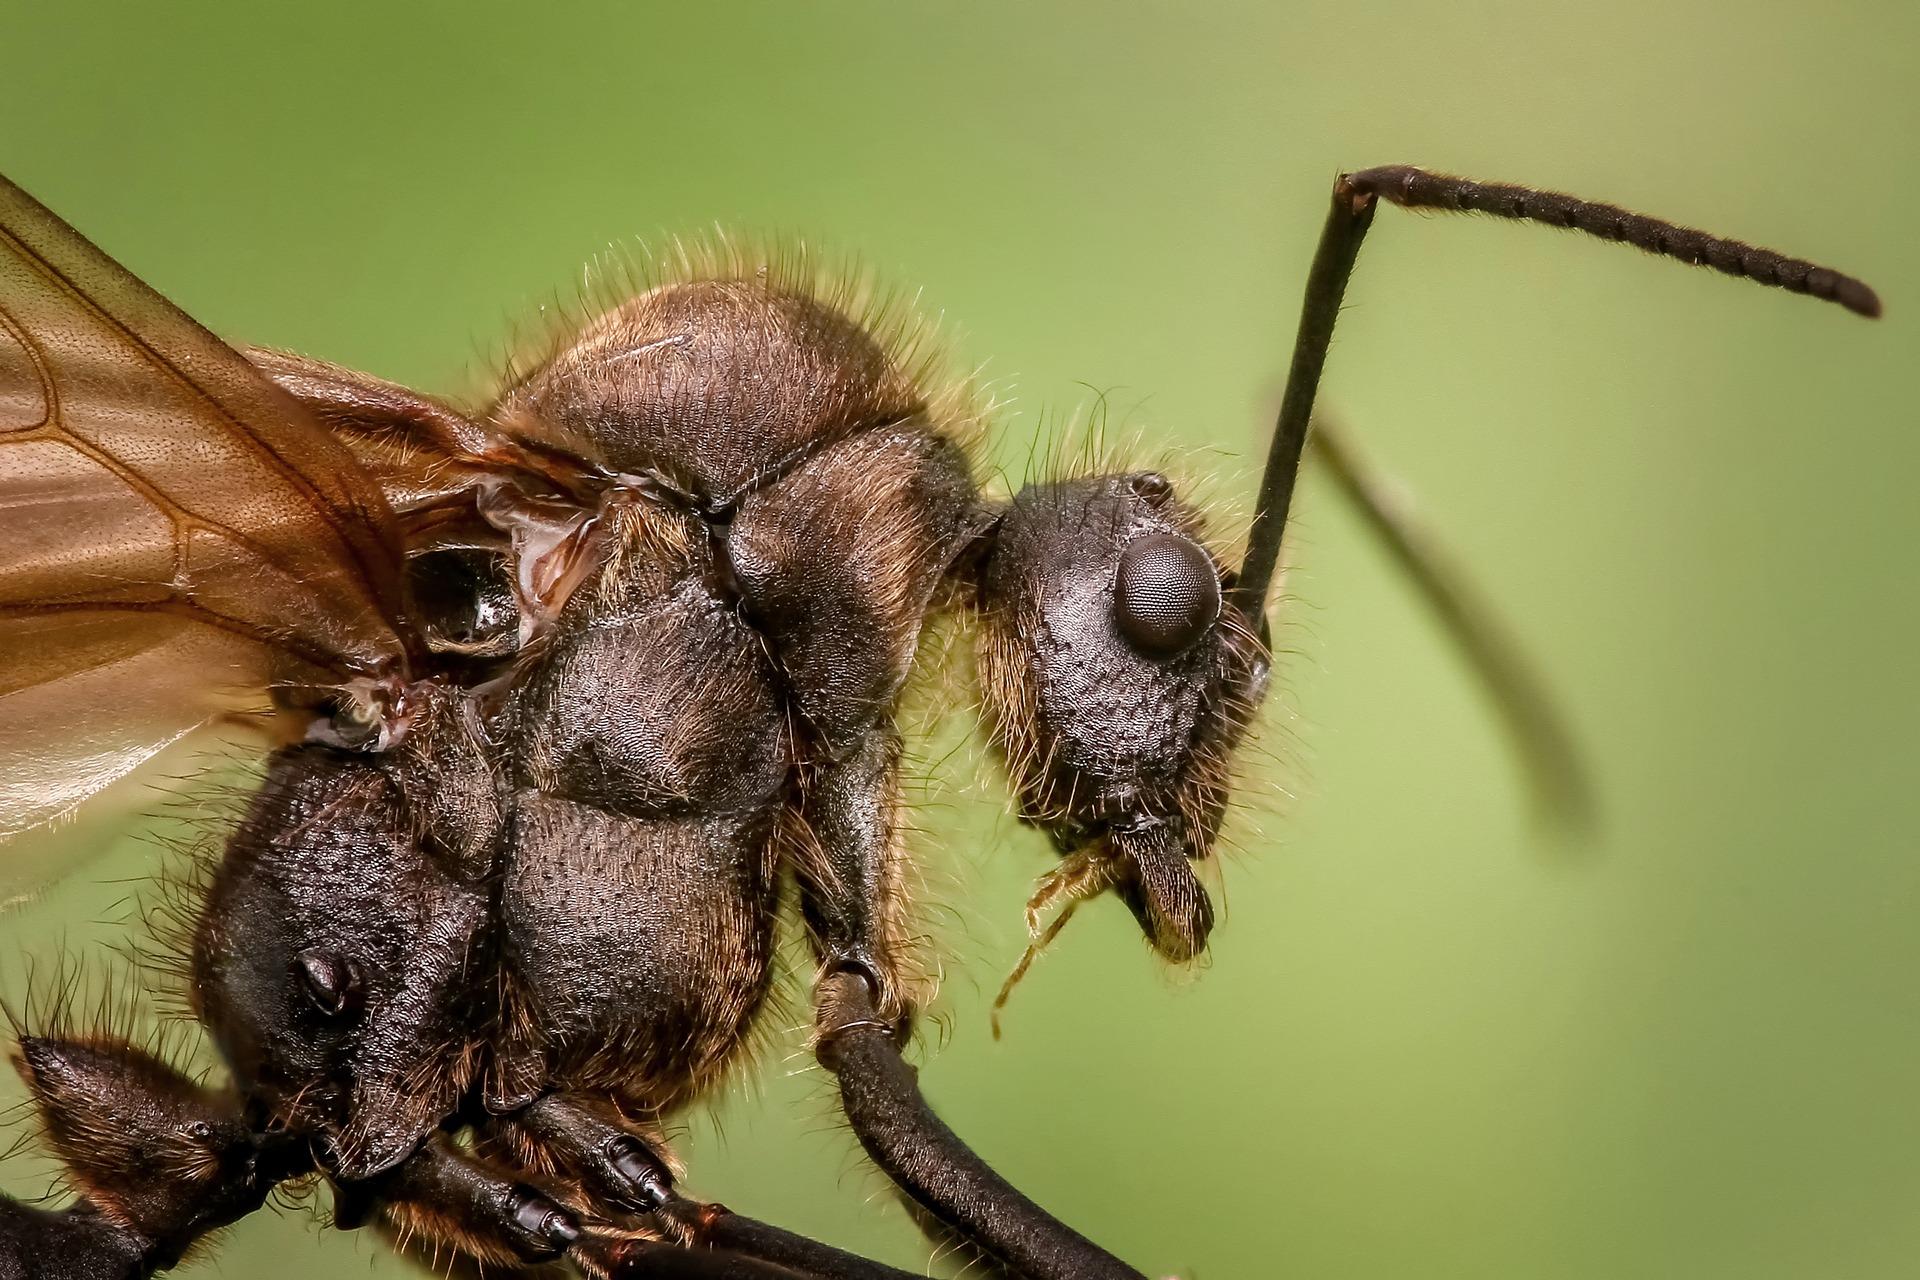 ant-1127650_1920